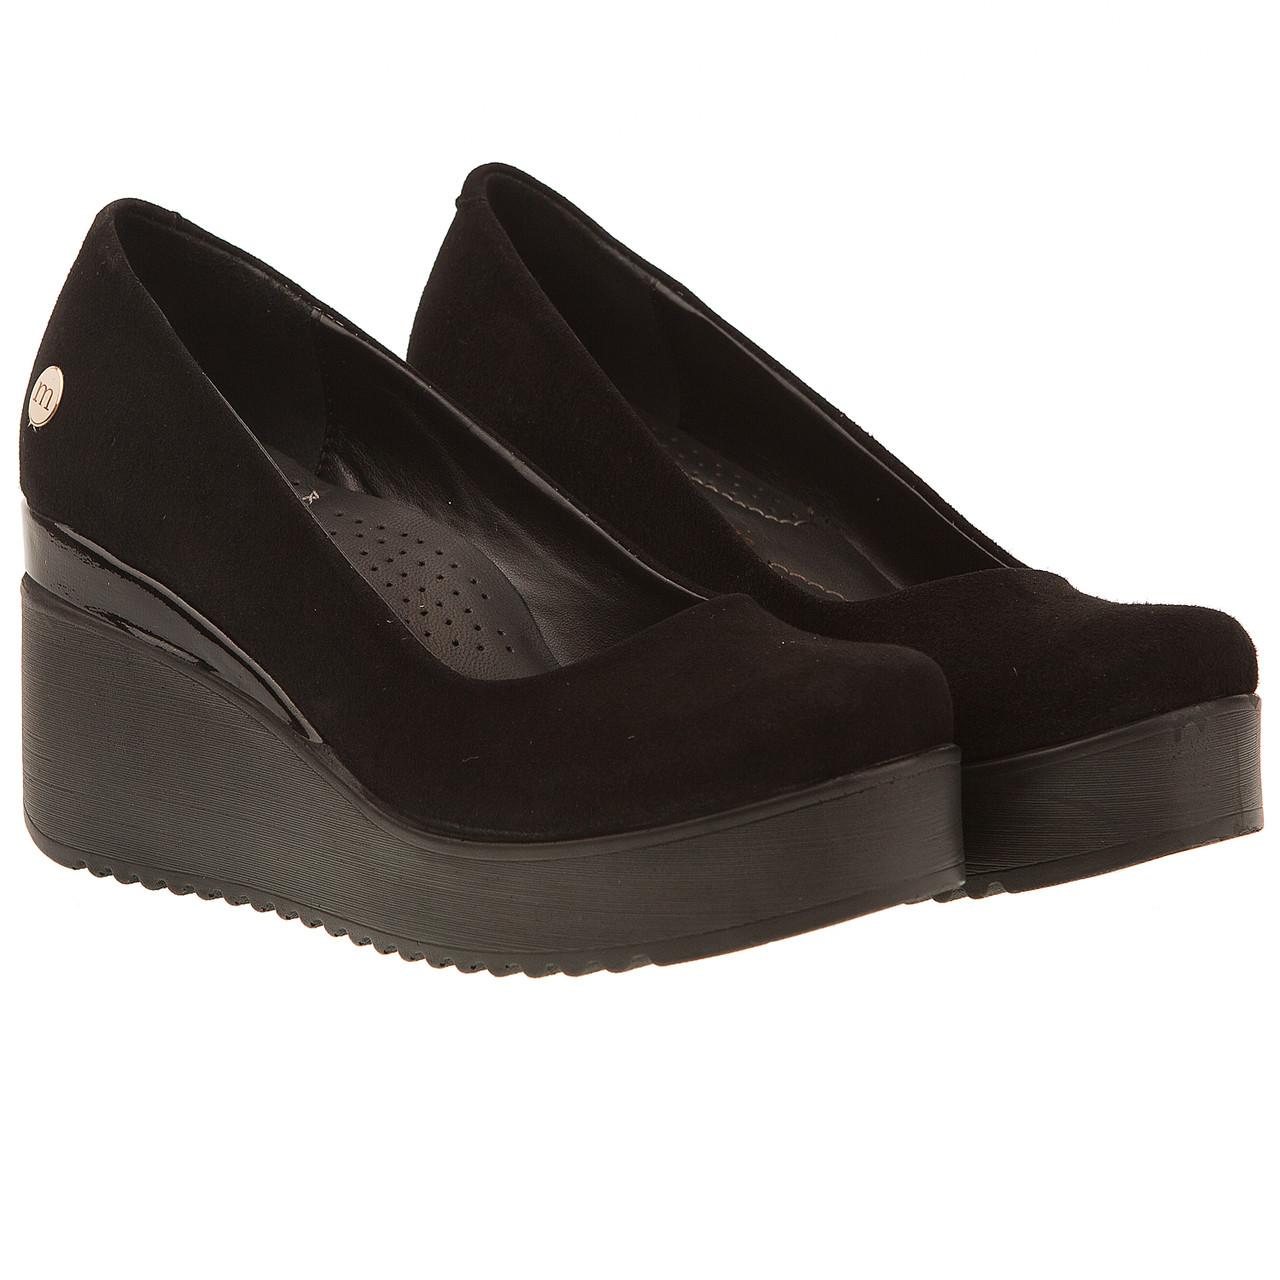 9631423de Туфли женские Mammamia (черные, замшевые, на удобной танкетке, модные,  комфортные)